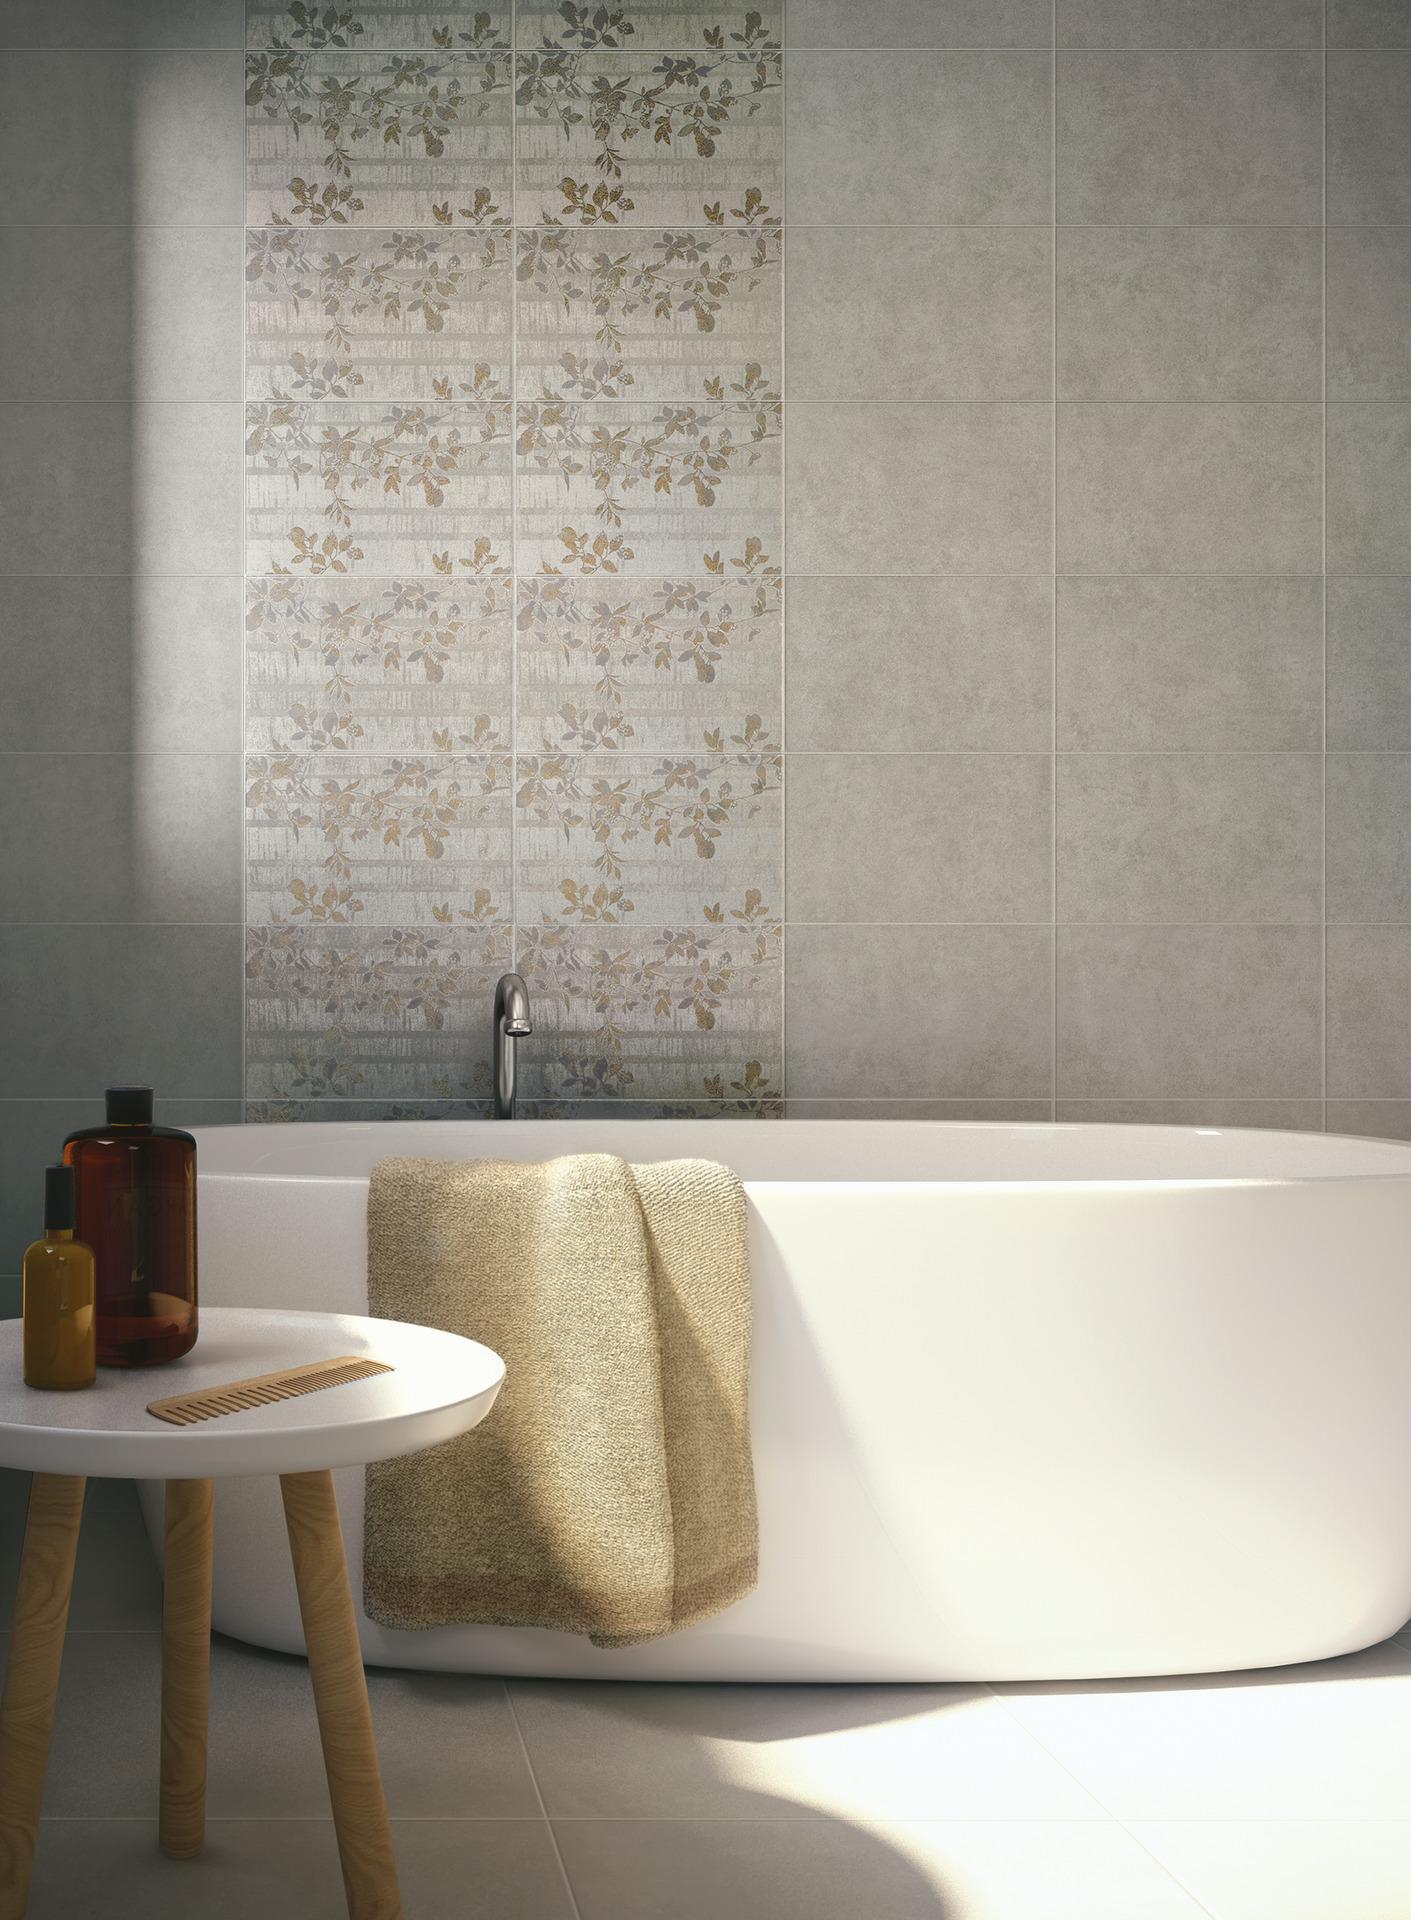 Bagno Con Mosaico Bianco : Collezione casablanca ceramica per bagno e cucina ragno